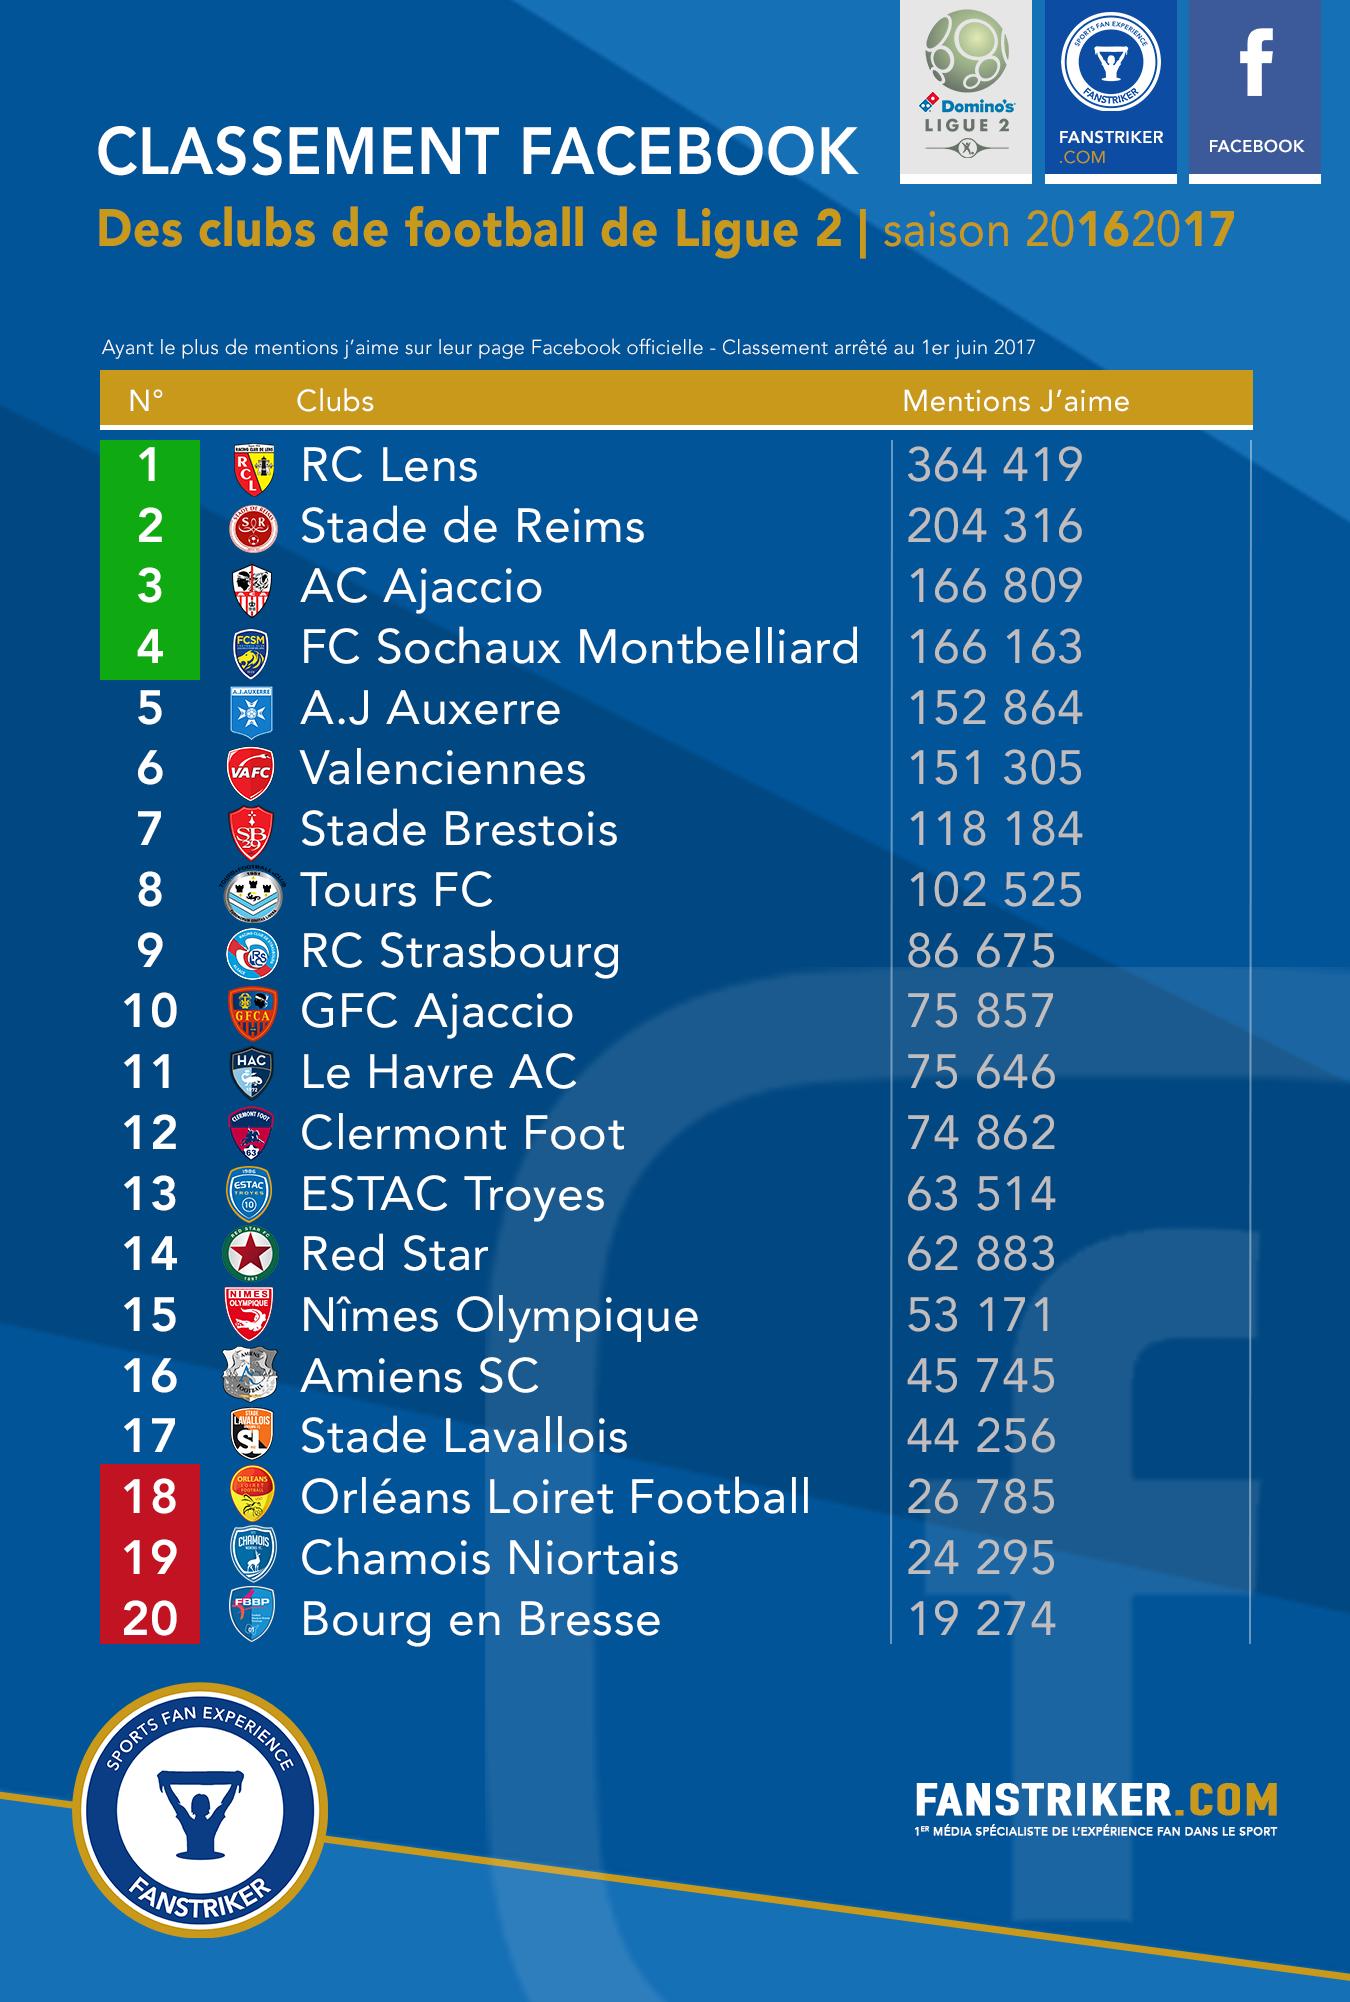 Le classement Facebook des clubs de Ligue 2